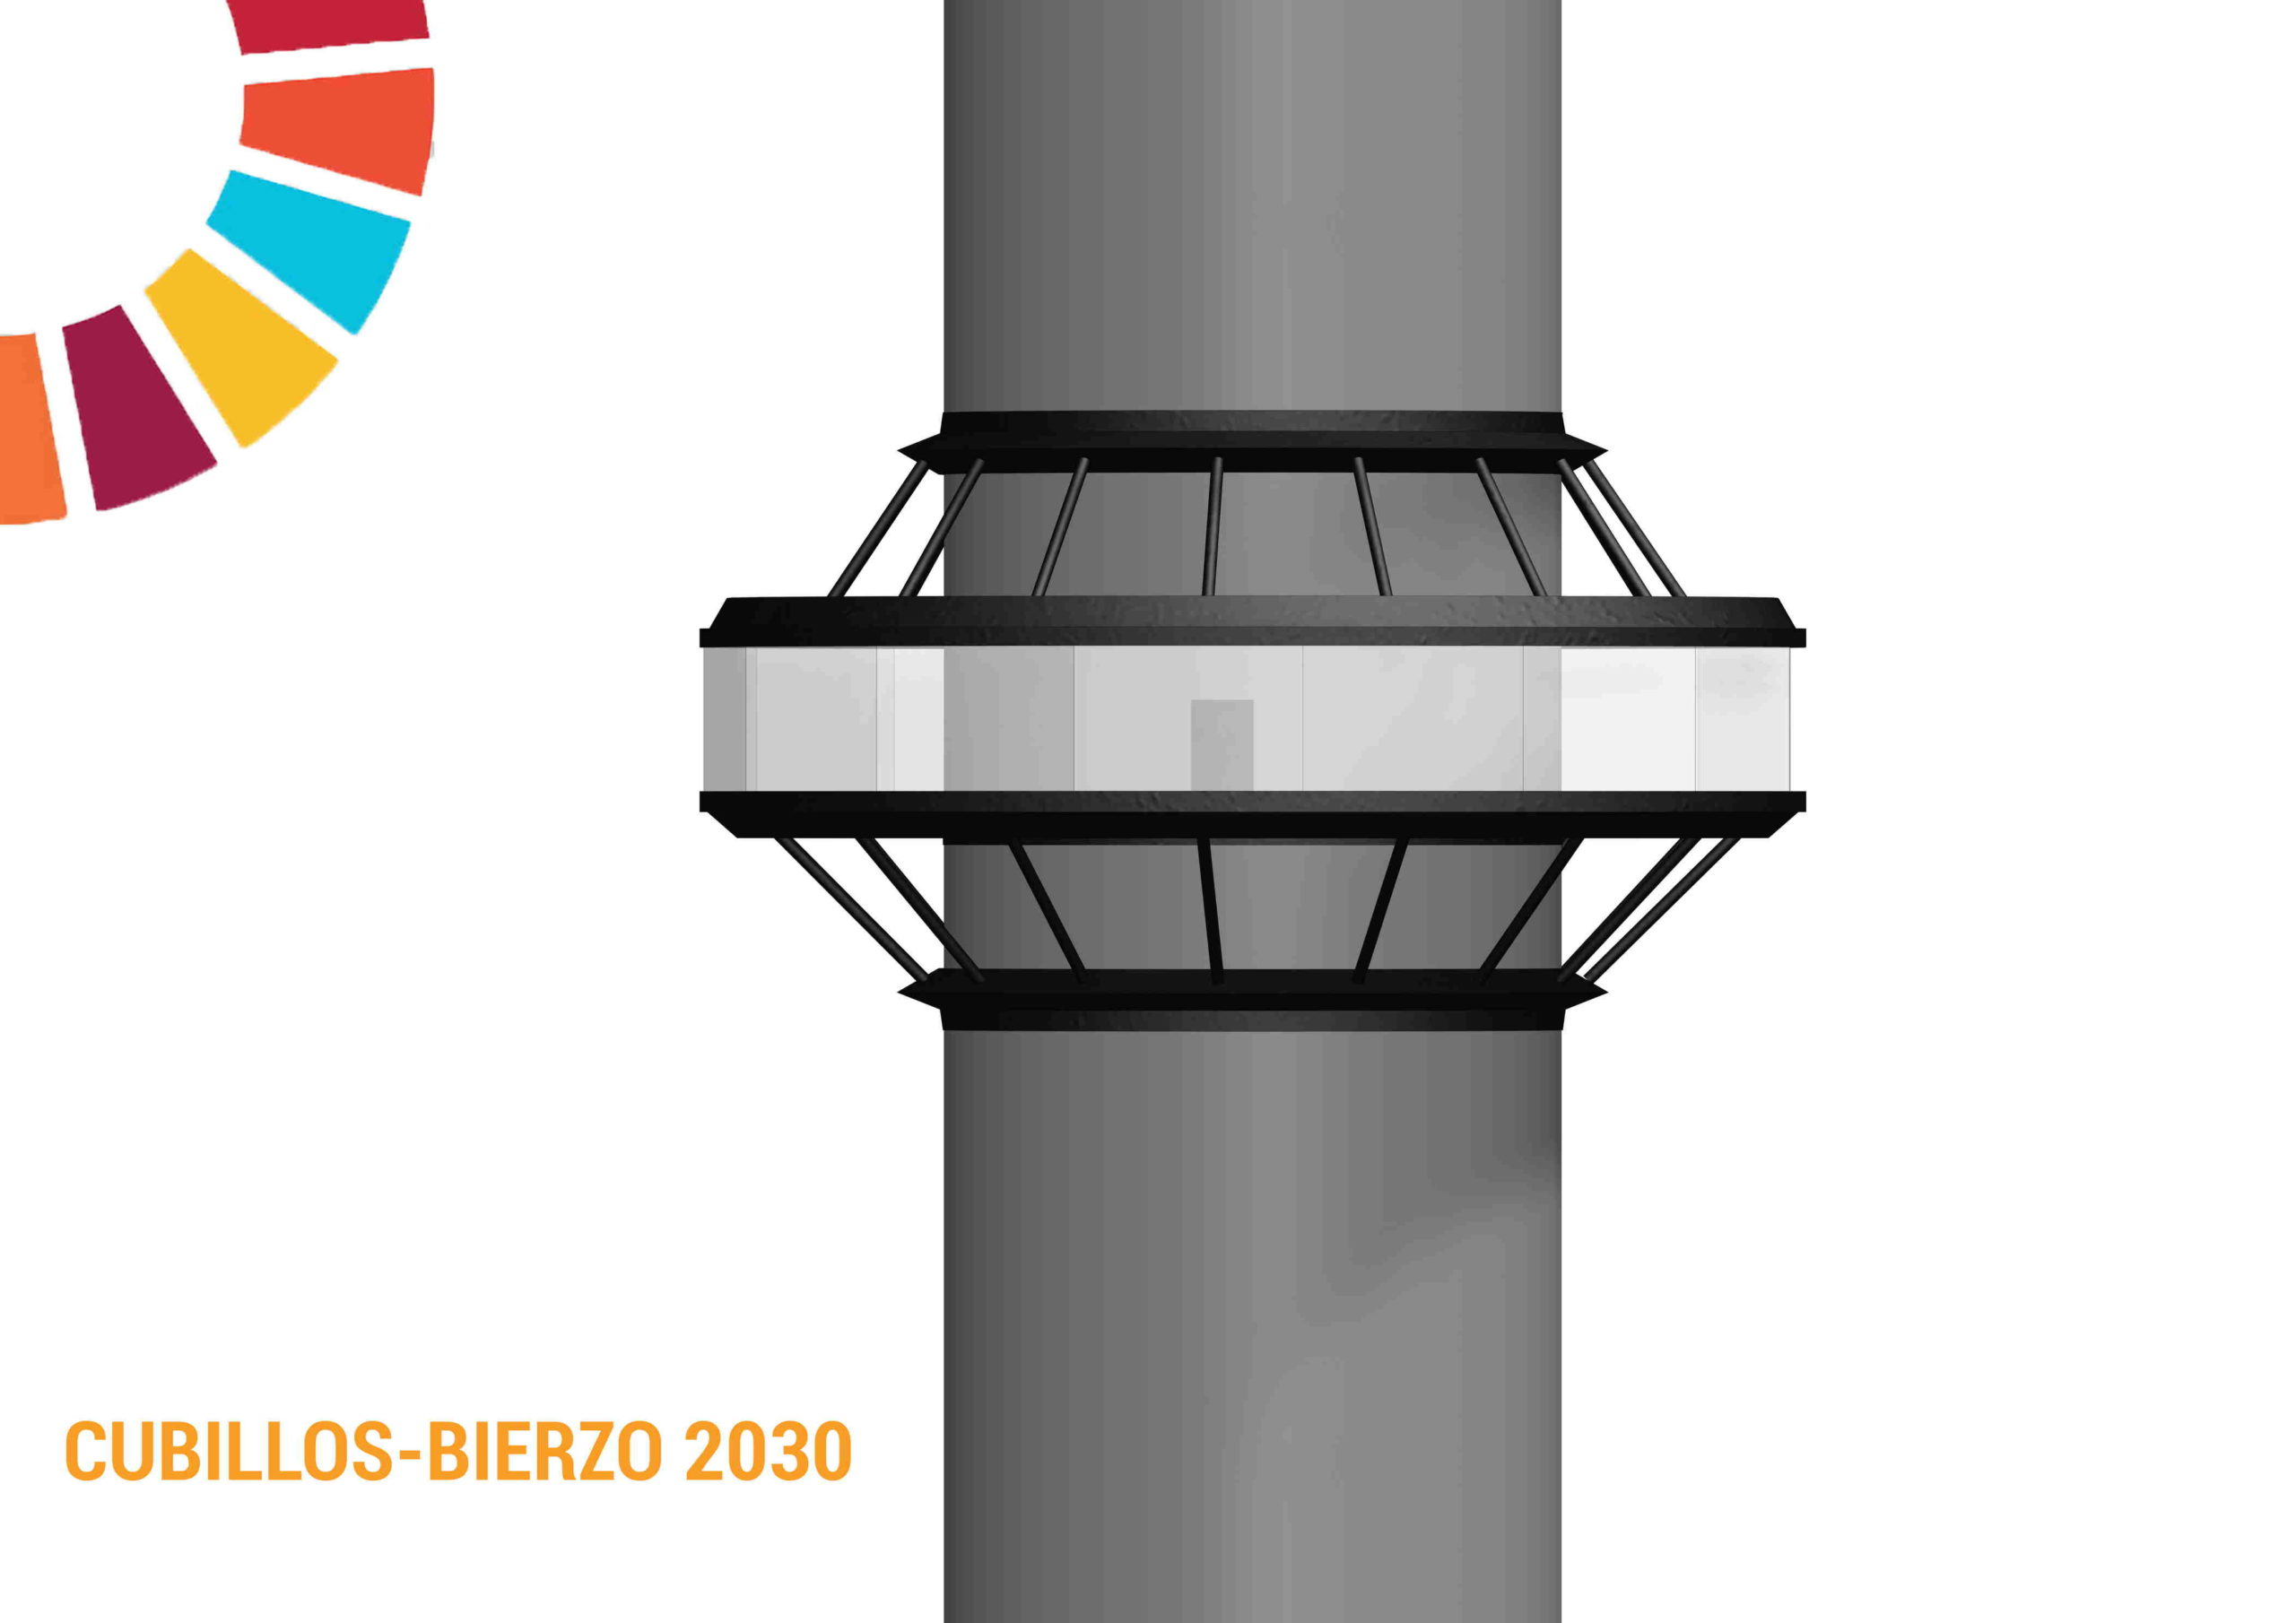 CUBILLOS-BIERZO-PLANO-9